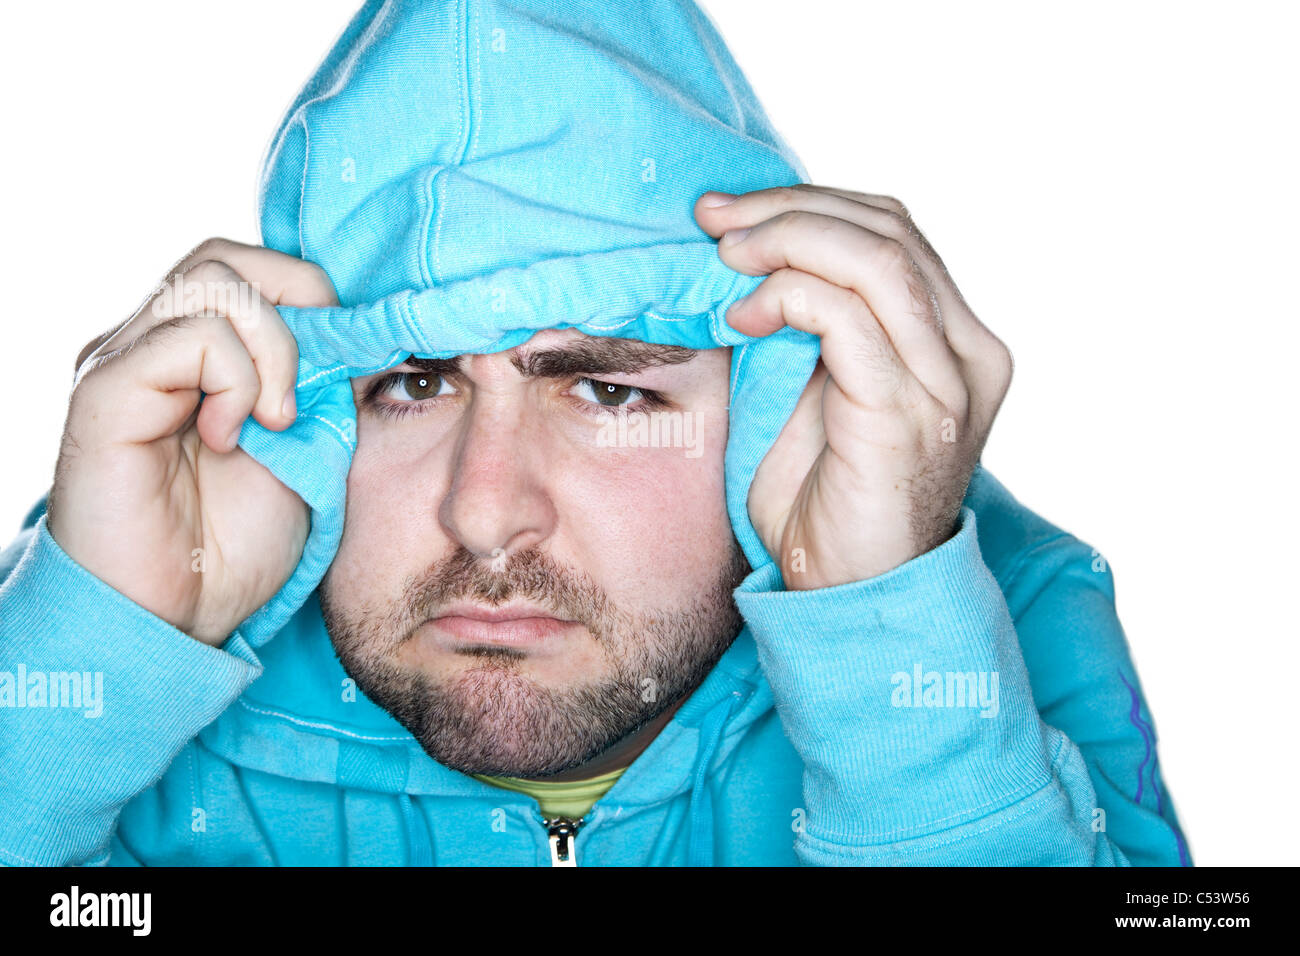 Un macho de Cáucaso con una expresión quizzical saca el capó hacia abajo a lo largo de su frente. Imagen De Stock